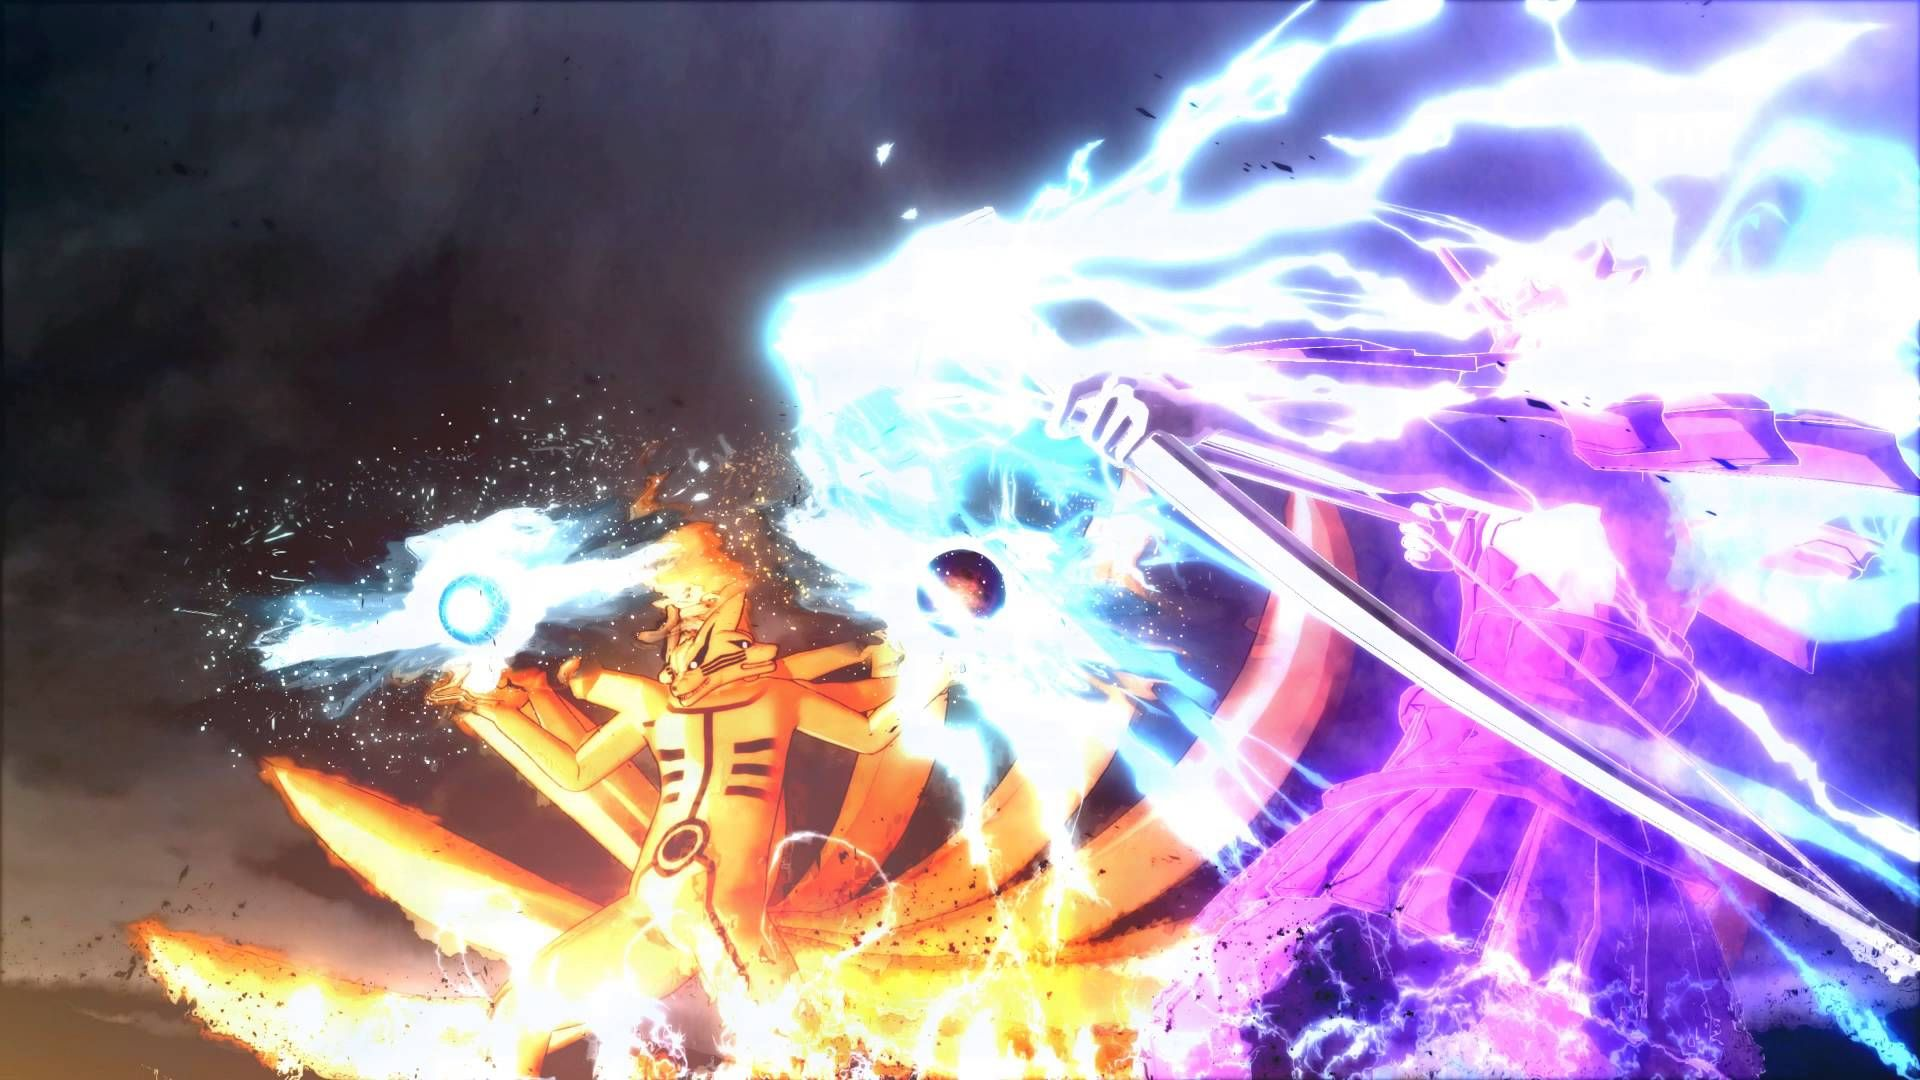 Naruto And Sasuke Six Paths Wallpaper Dengan Gambar